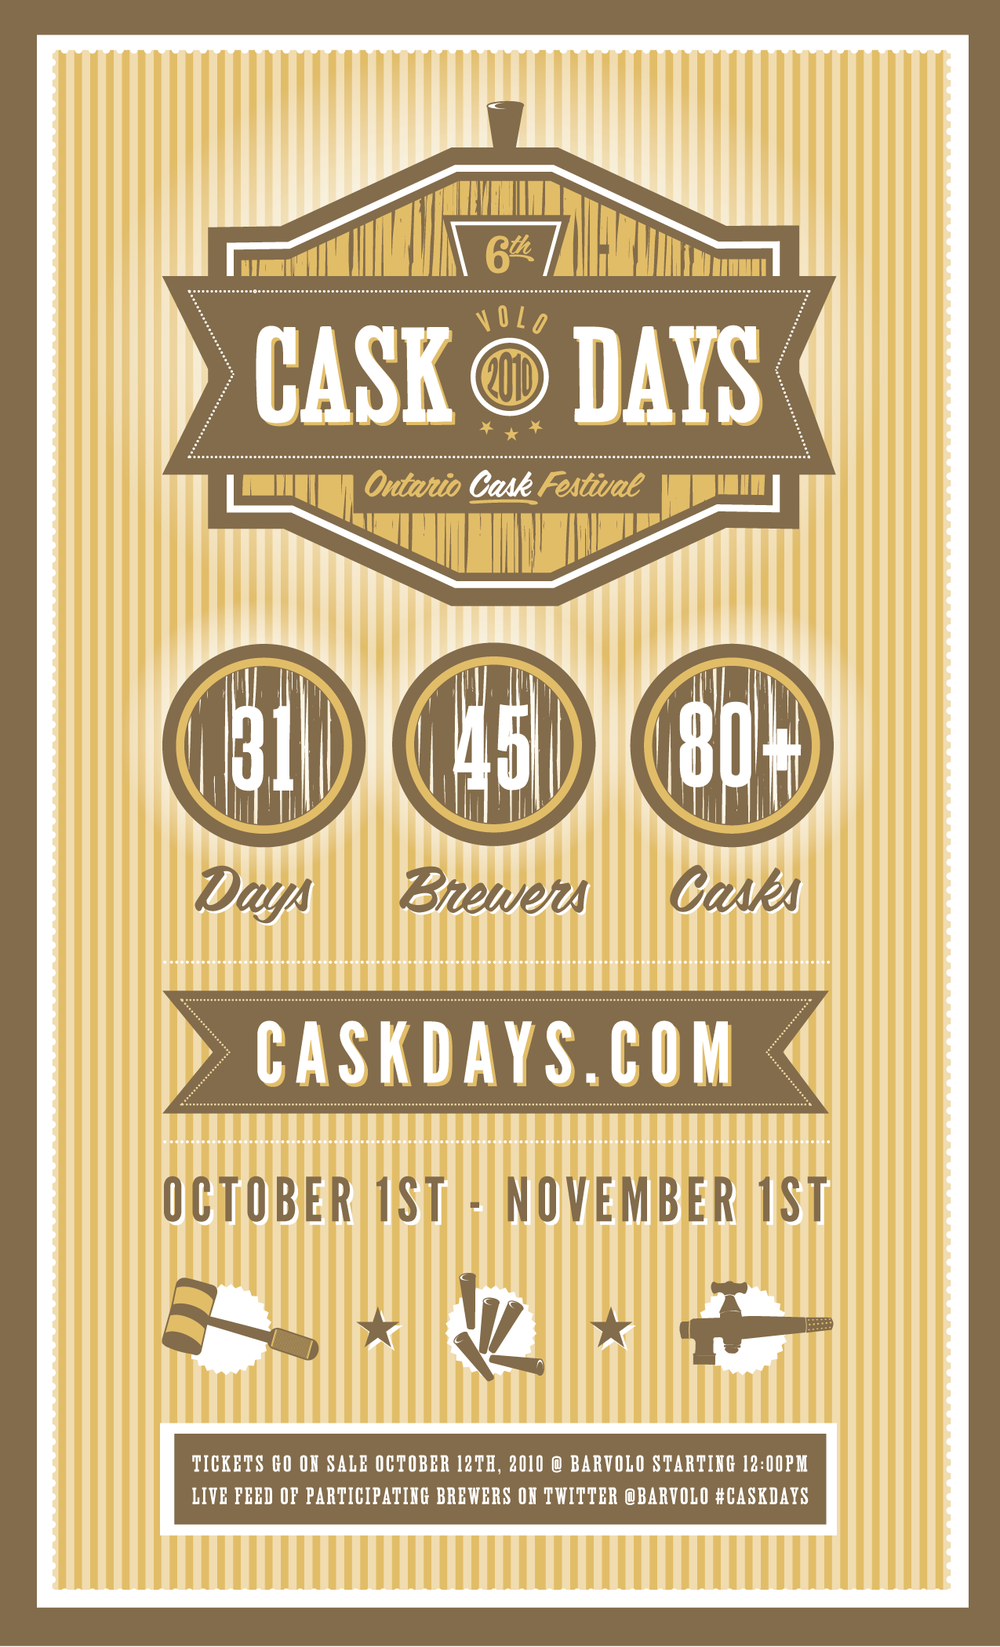 caskdays_poster-01.png